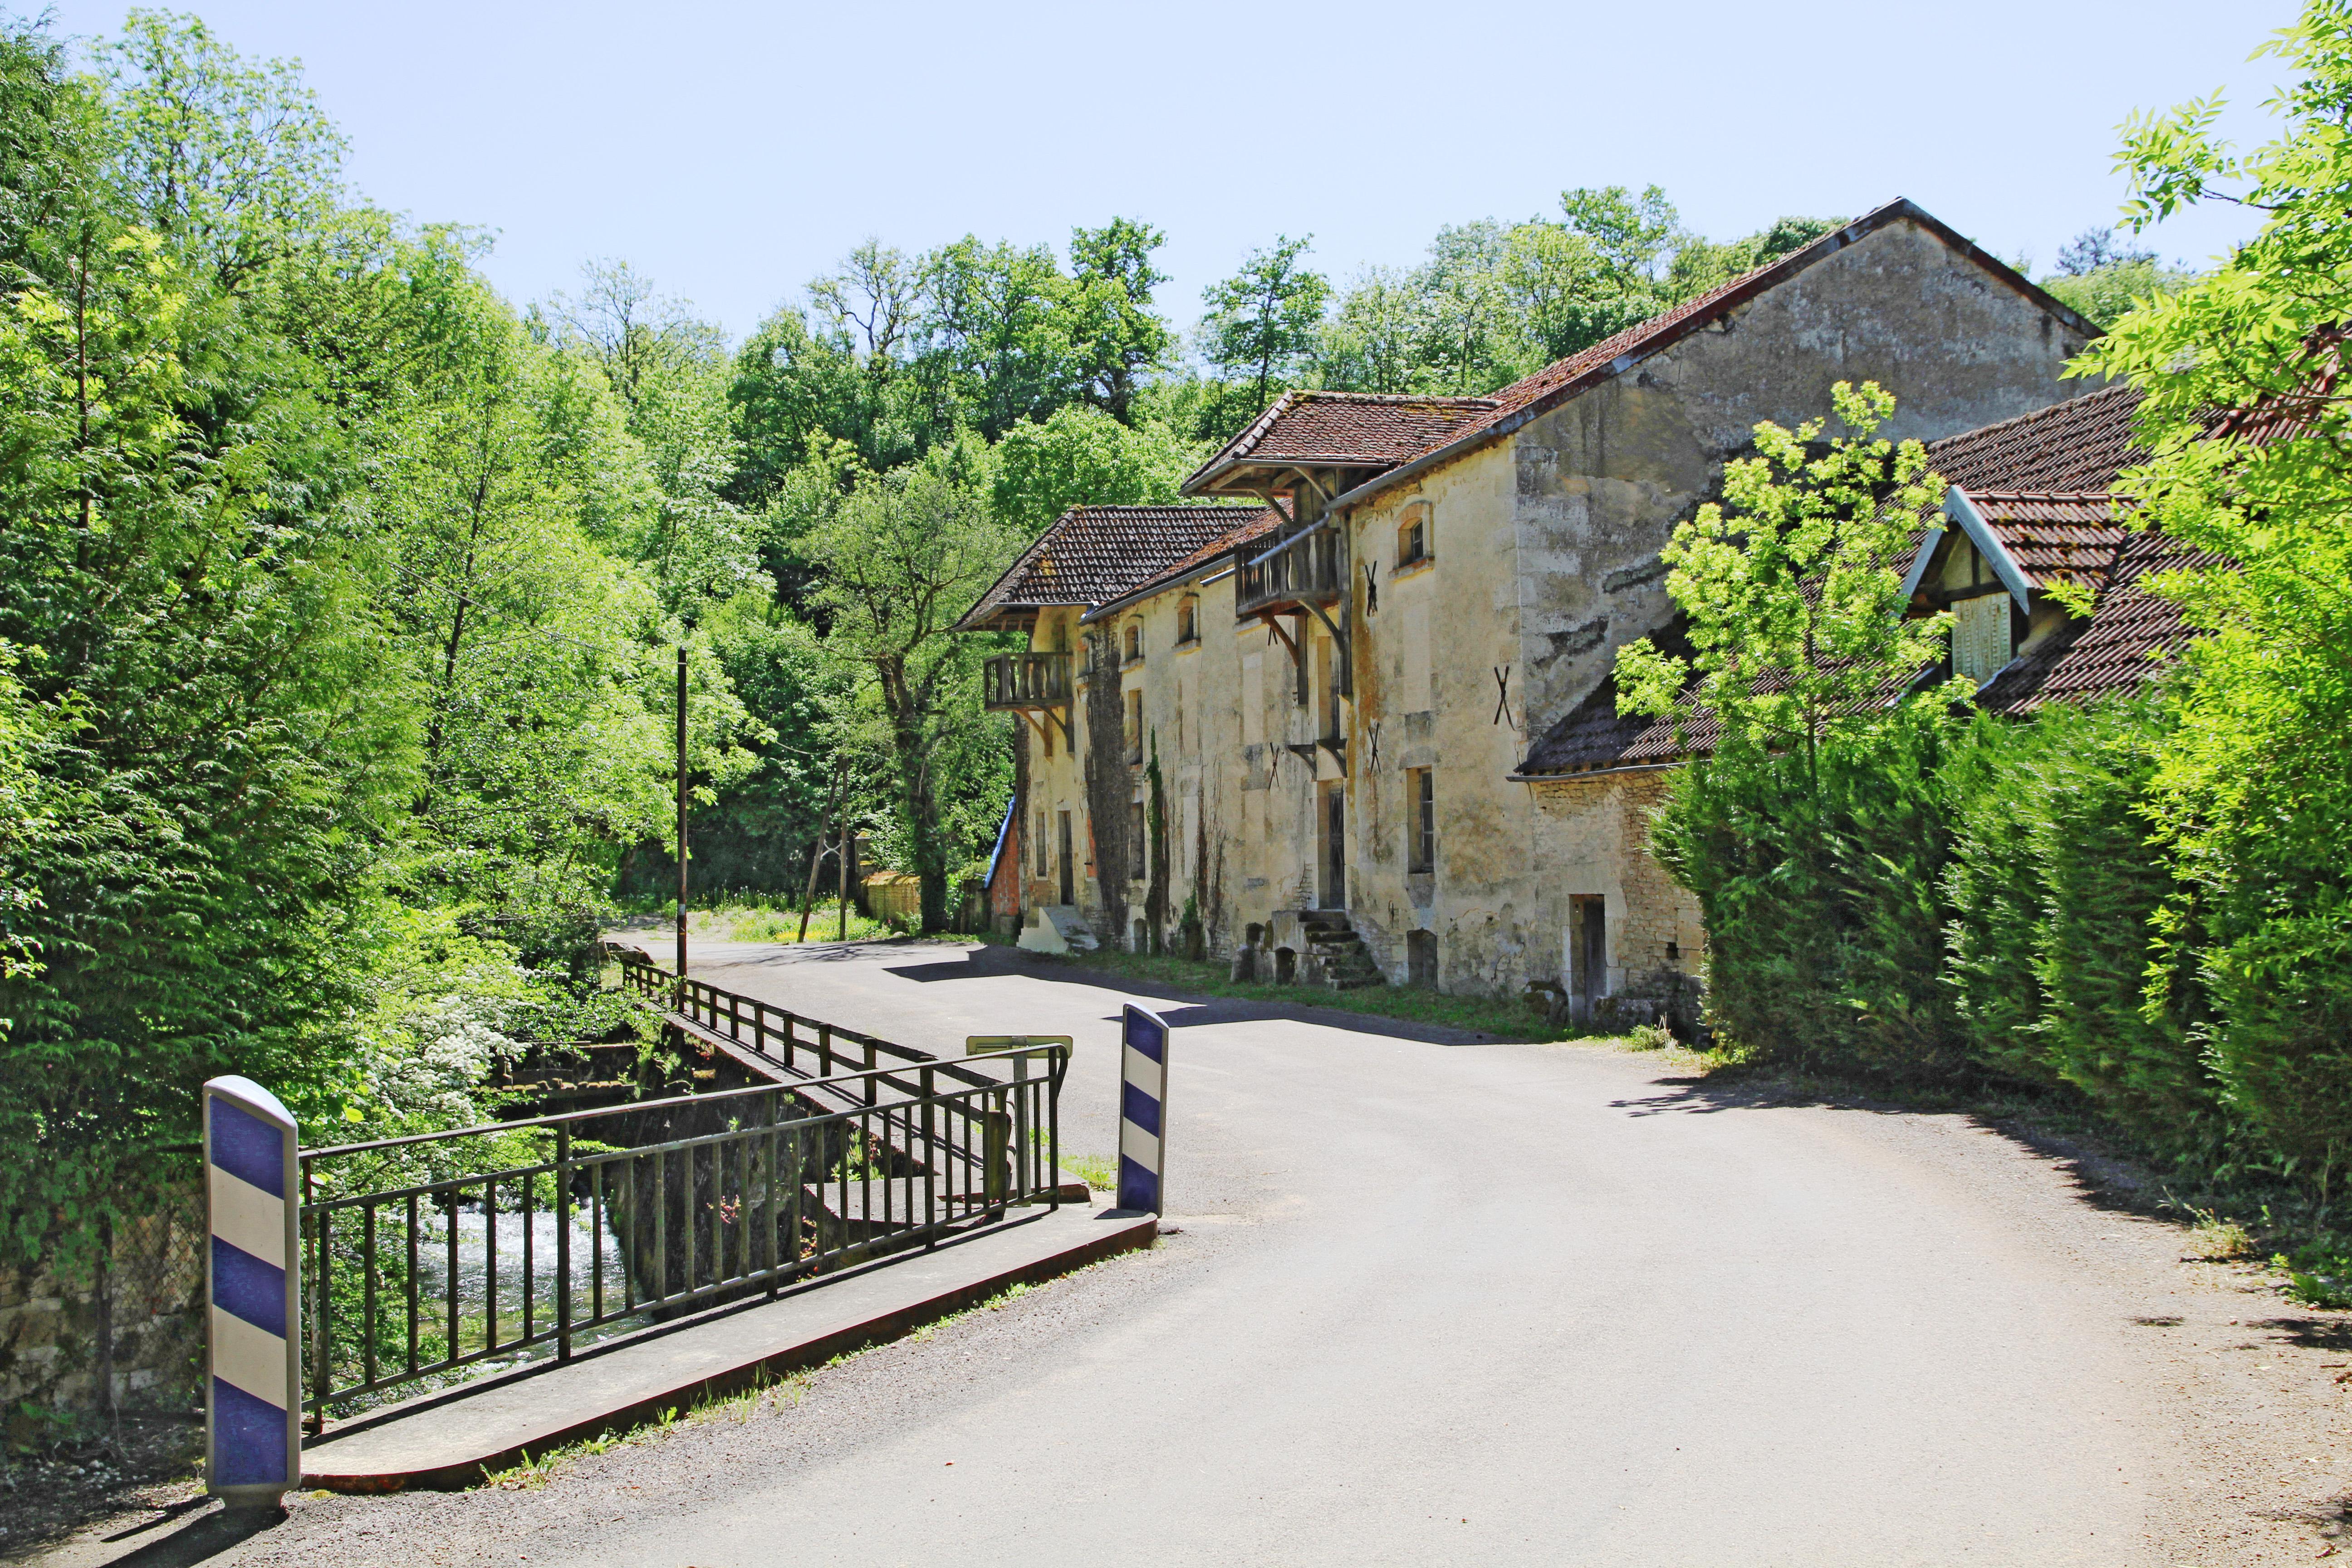 Ancien moulin de l'abbaye d'Oigny sur la Seine.